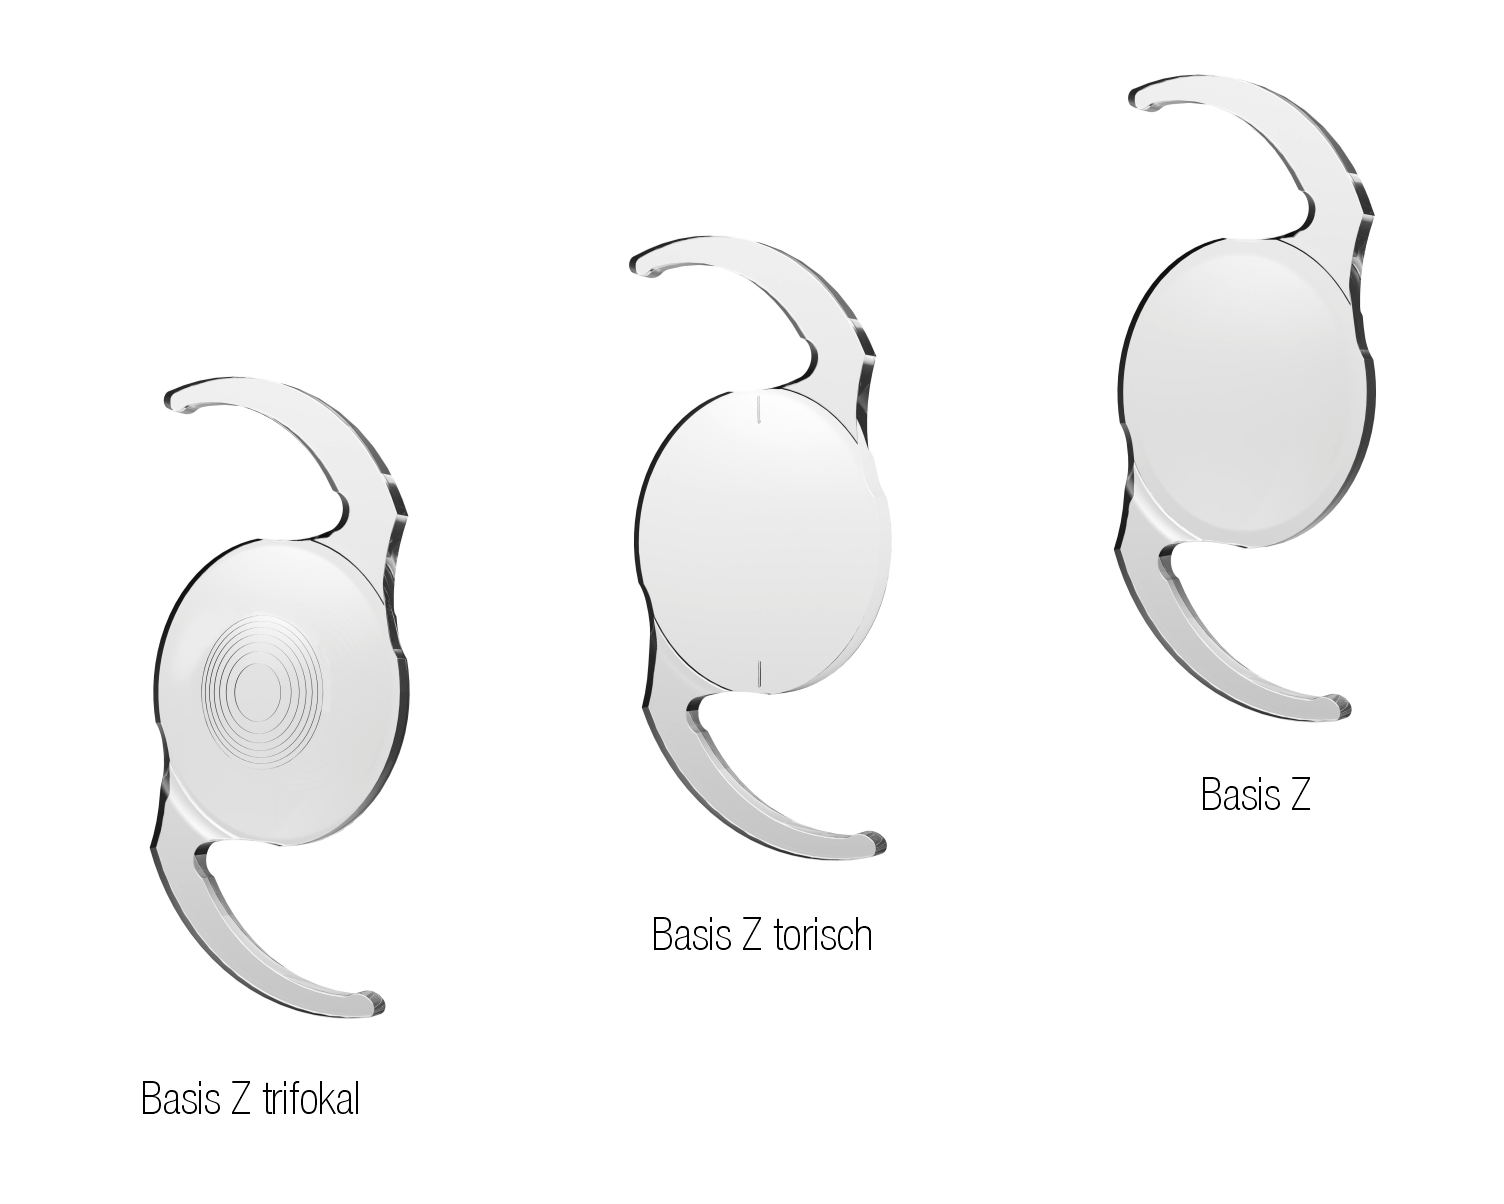 Basis Linsen mit verschiedenen Optiken die 1stQ anbietet